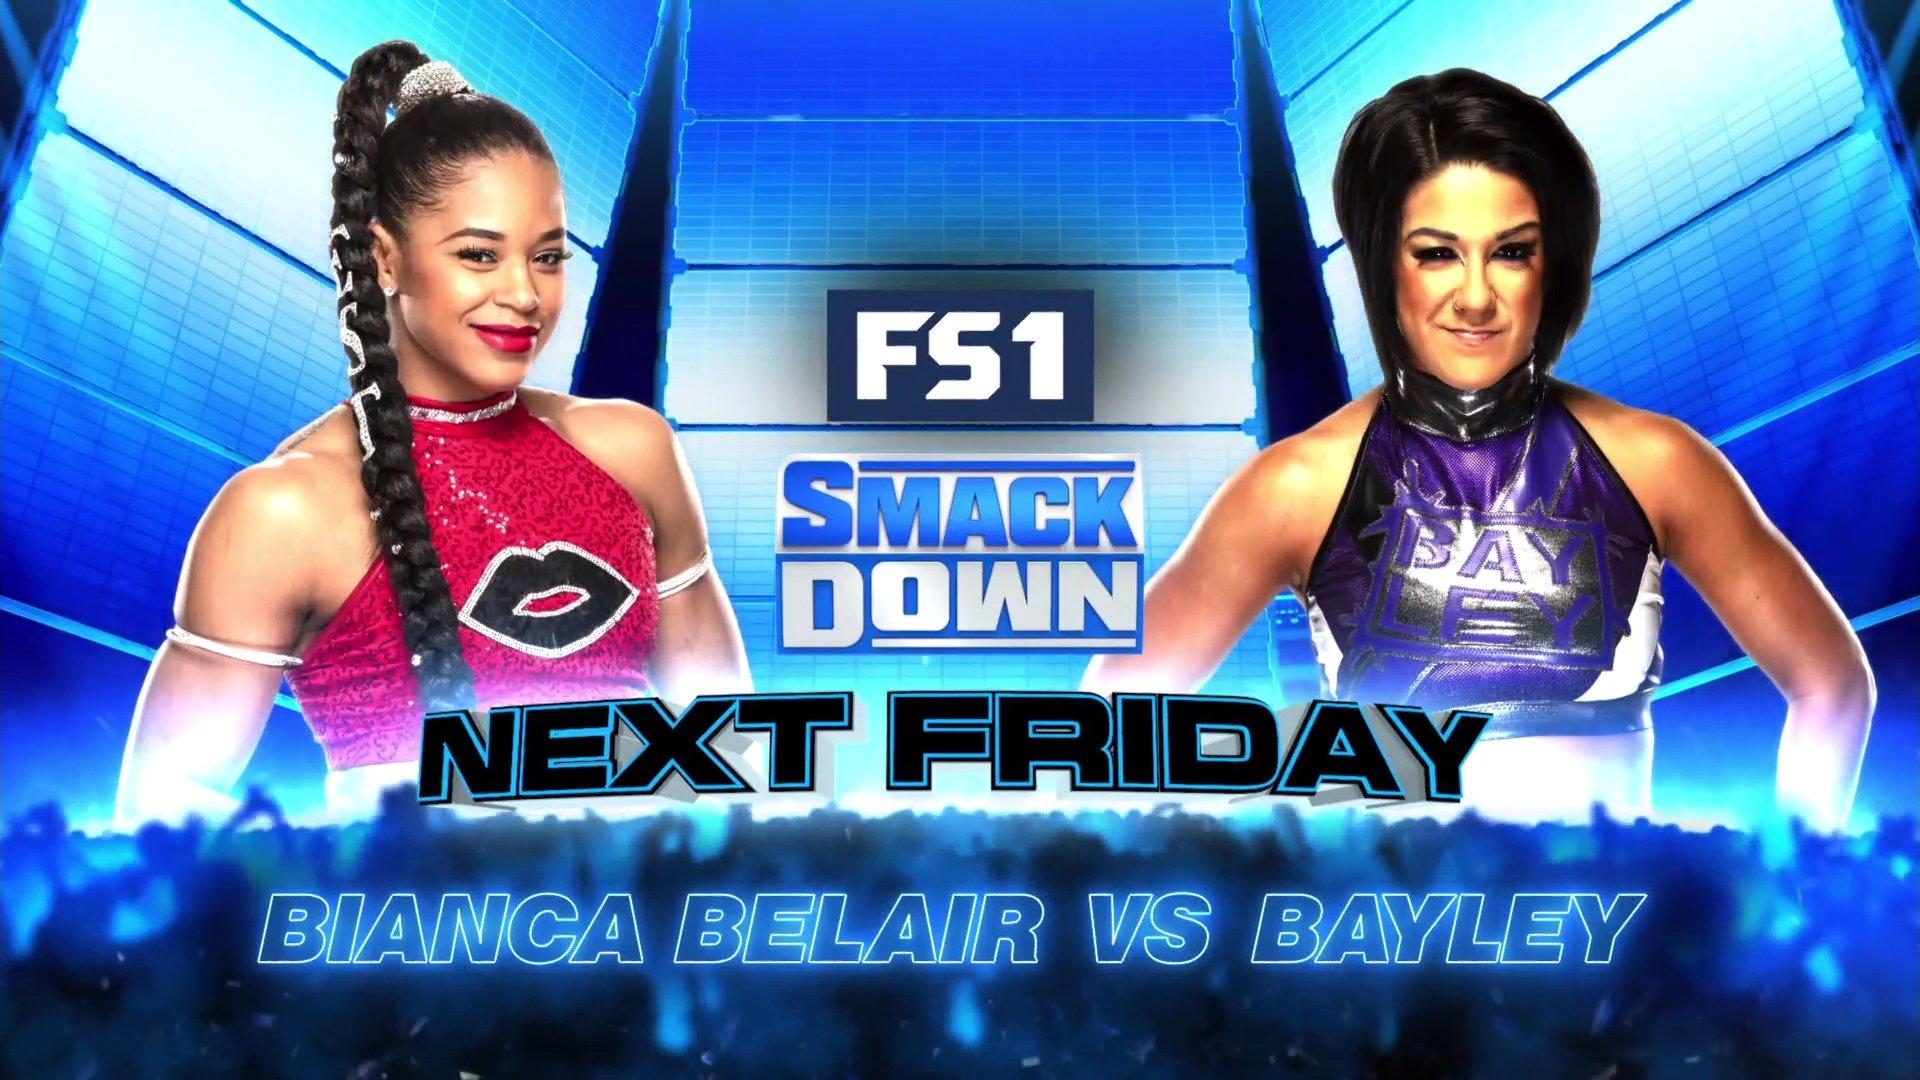 Dois grandes combates são anunciados para o próximo Friday Night SmackDown